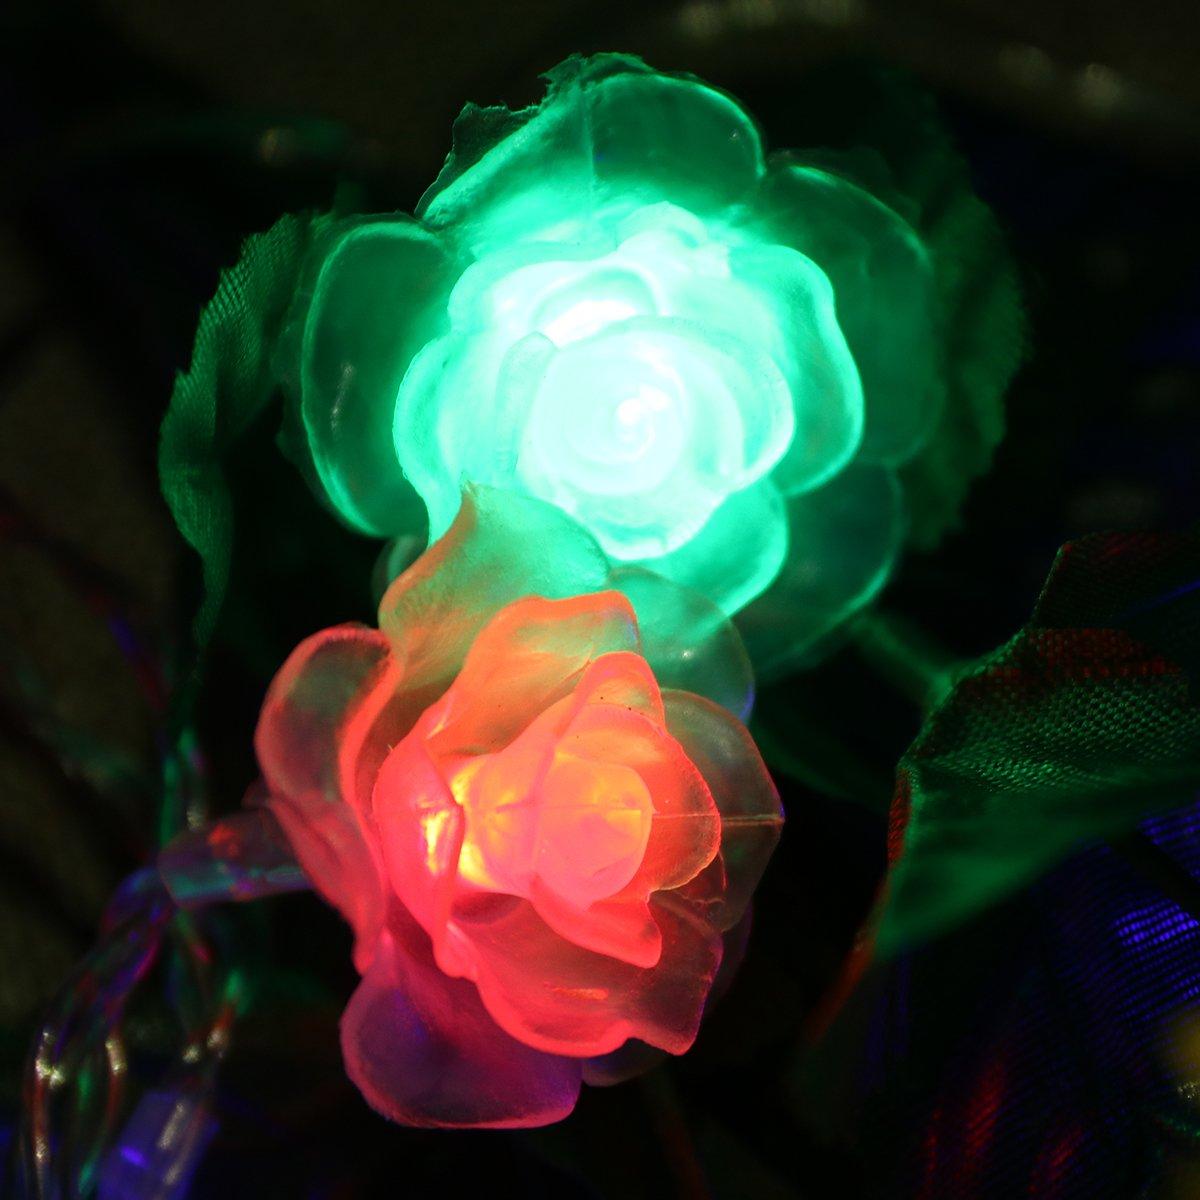 fiesta de cumplea/ños hogar para decoraci/ón de Navidad boda luz multicolor Guirnalda de 20 luces LED de 2,5 m funciona con pilas